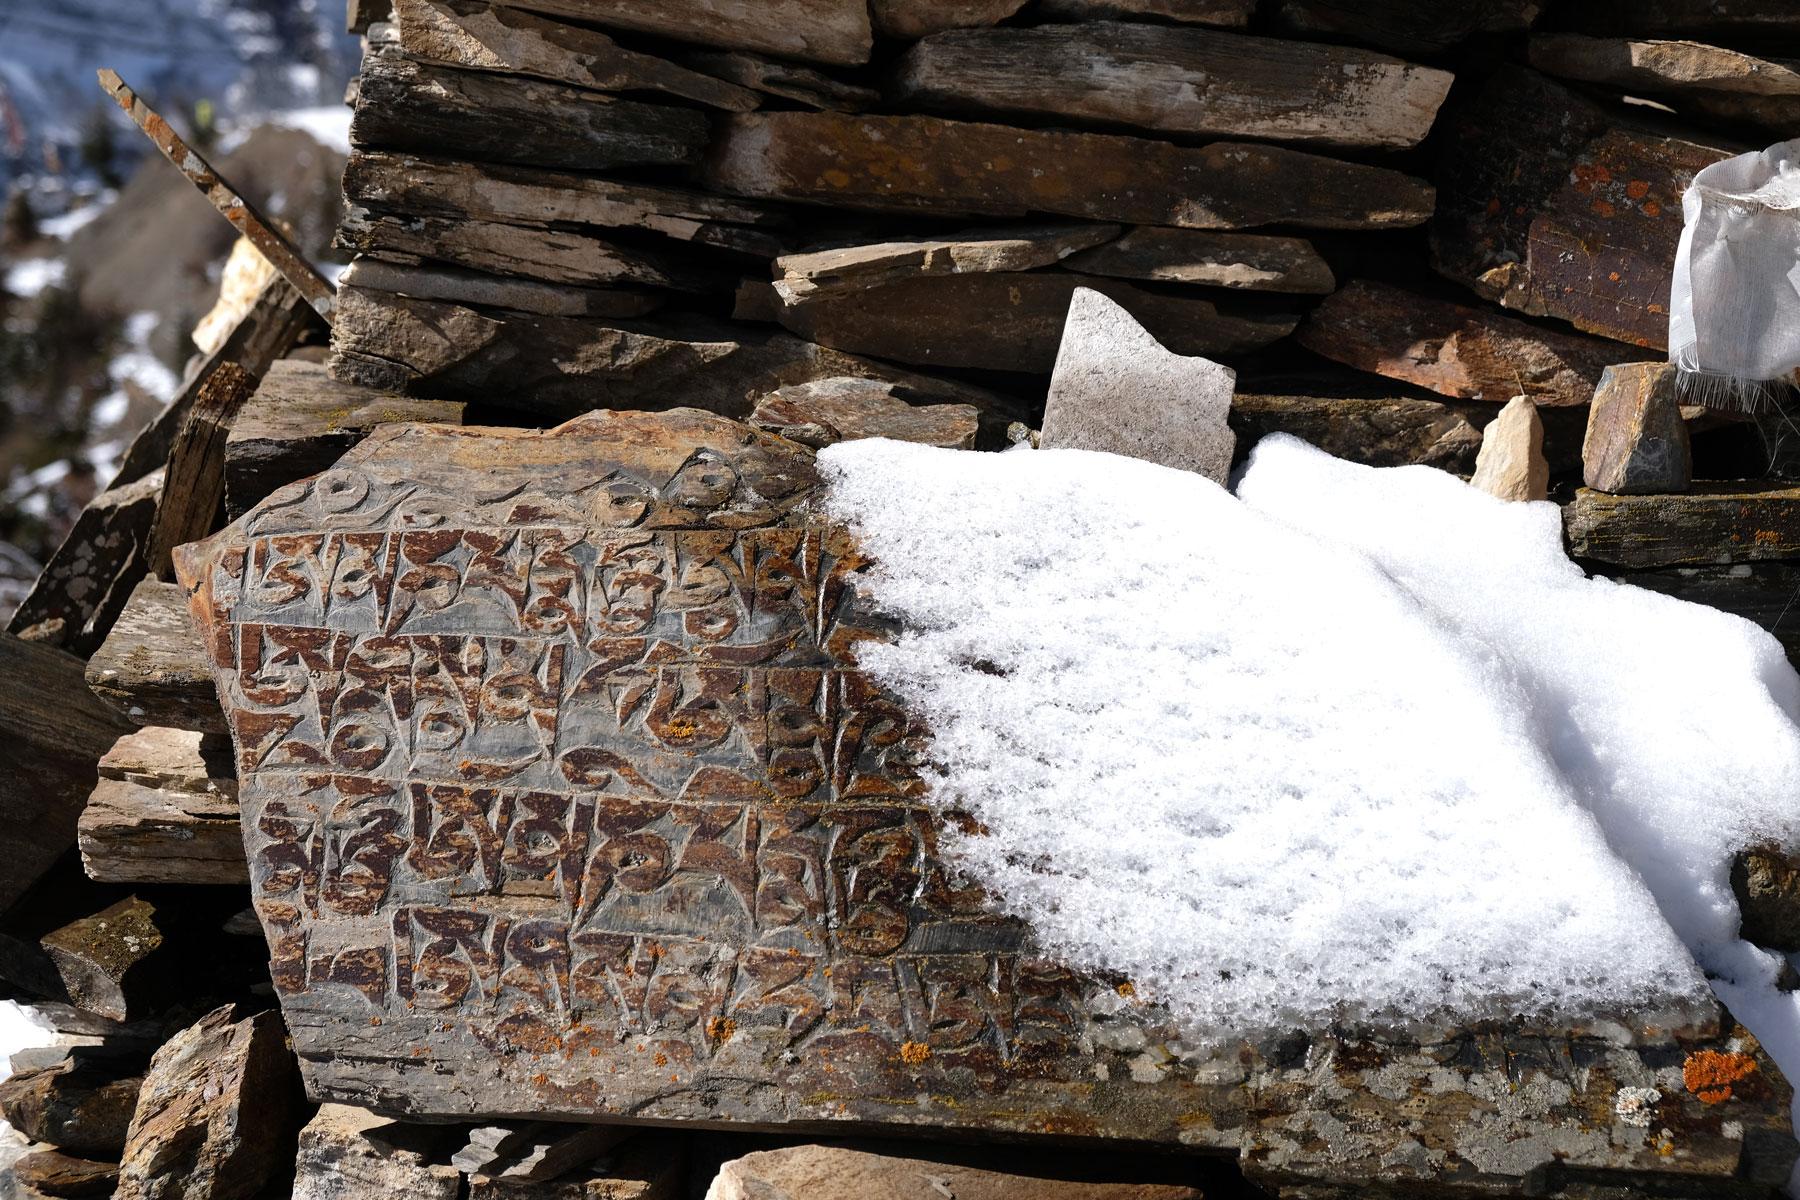 Tibetische Schriftzeichen auf einer schneebedeckten Steintafel.